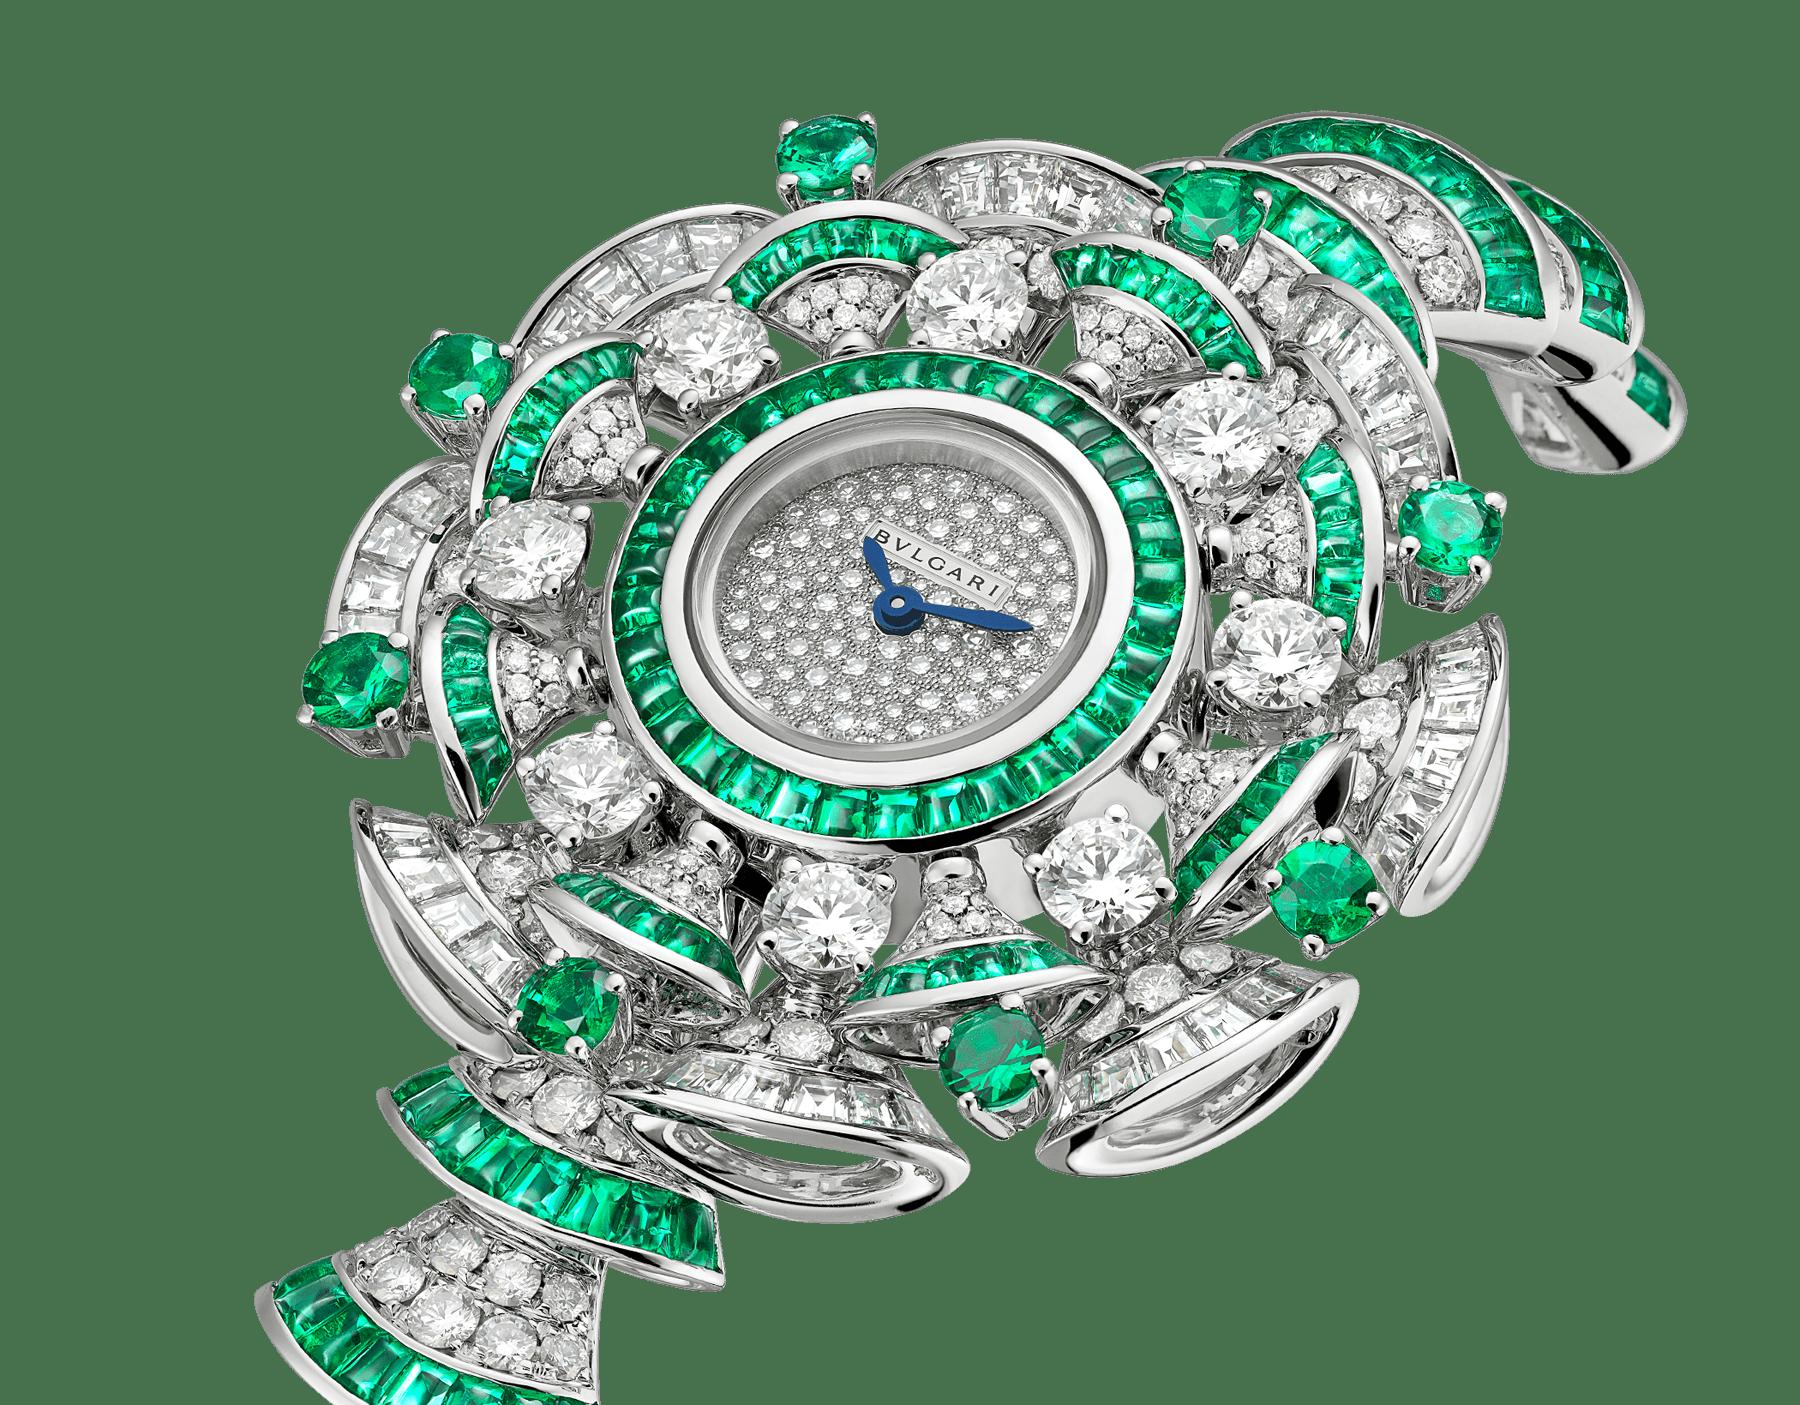 Orologio DIVAS' DREAM con cassa in oro bianco 18 kt con diamanti e smeraldi taglio baguette e taglio brillante, quadrante con pavé di diamanti incastonati a neve, bracciale in oro bianco 18 kt con diamanti taglio brillante e smeraldi taglio baguette. 102081 image 2